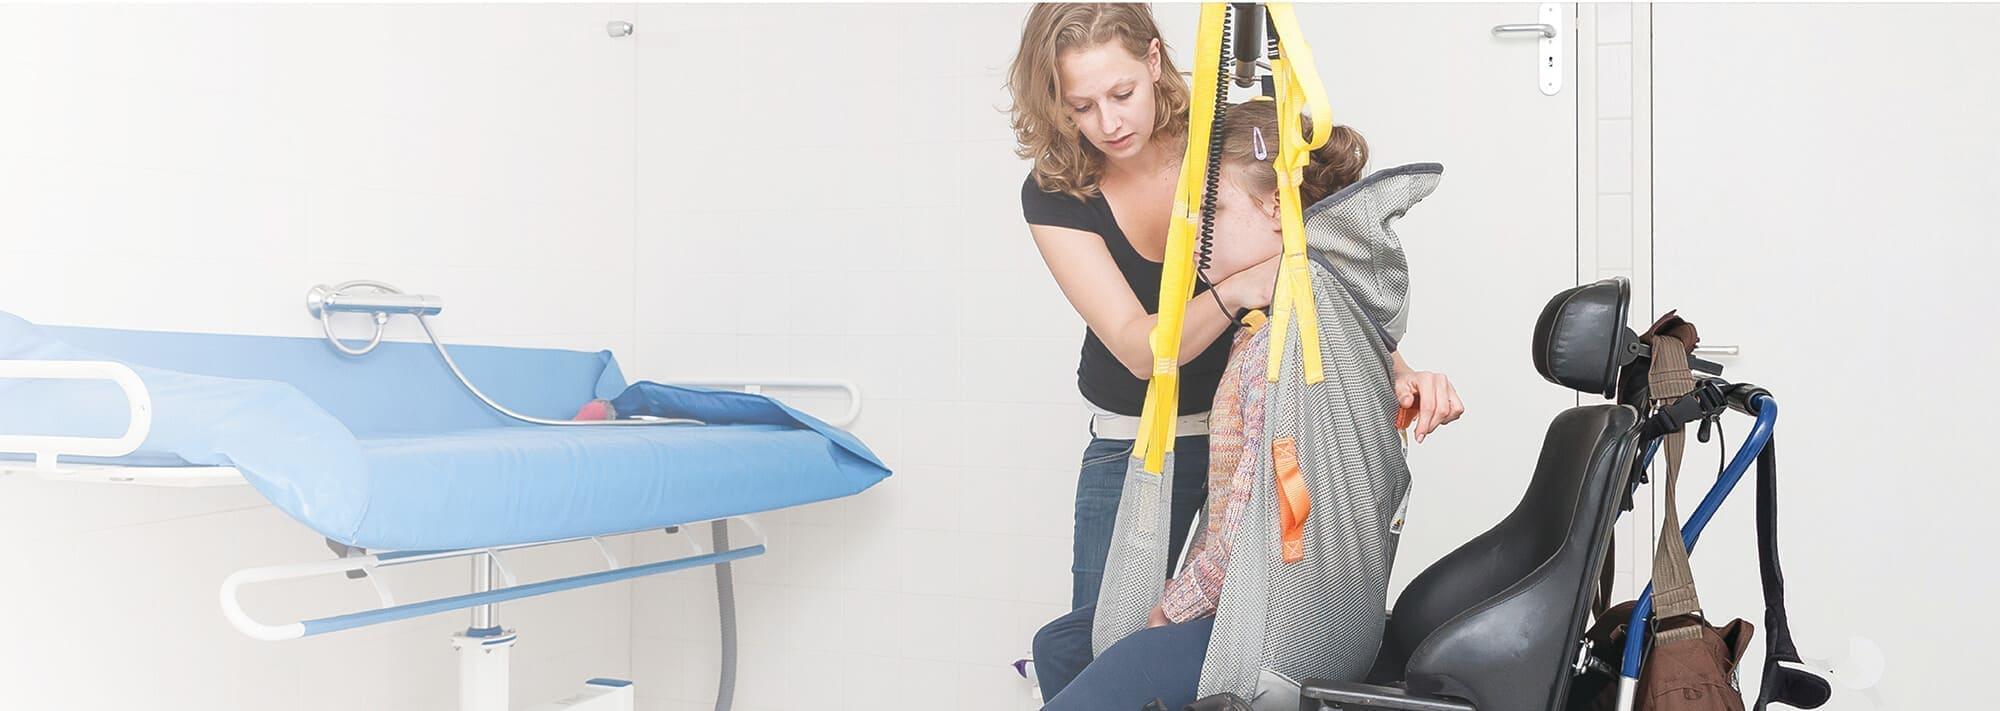 Ceiling Hoists - CHS Healthcare